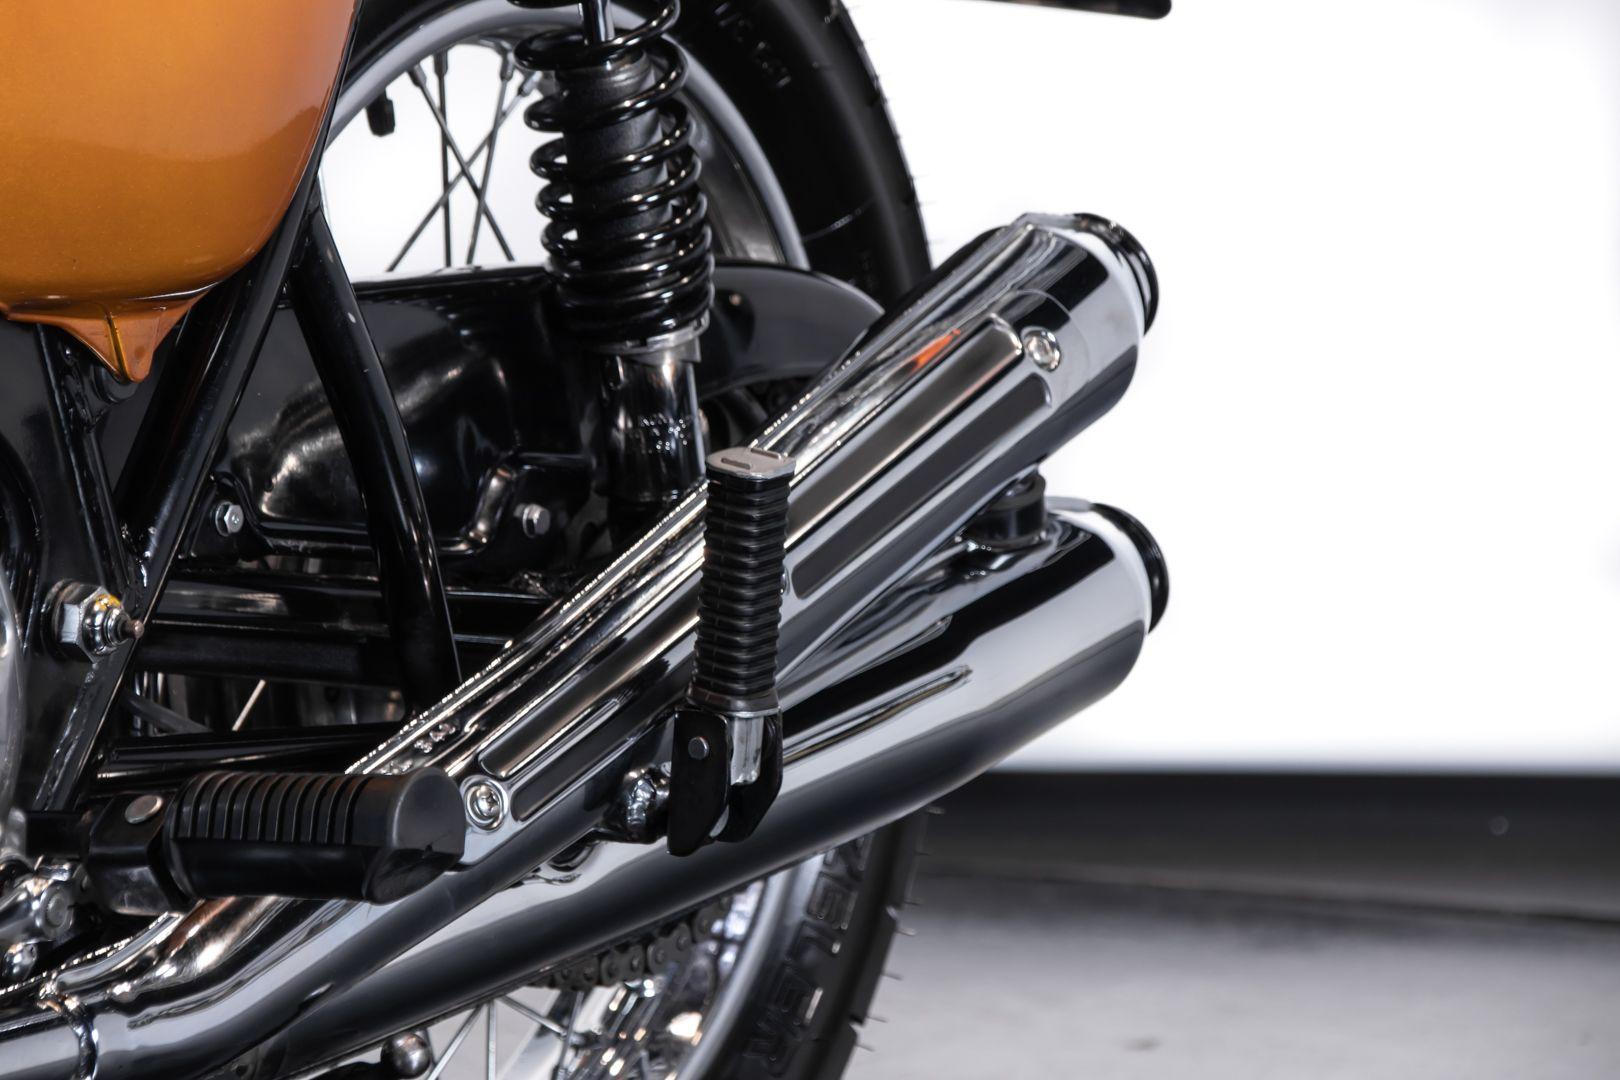 1973 Honda CB 750 Four 74177